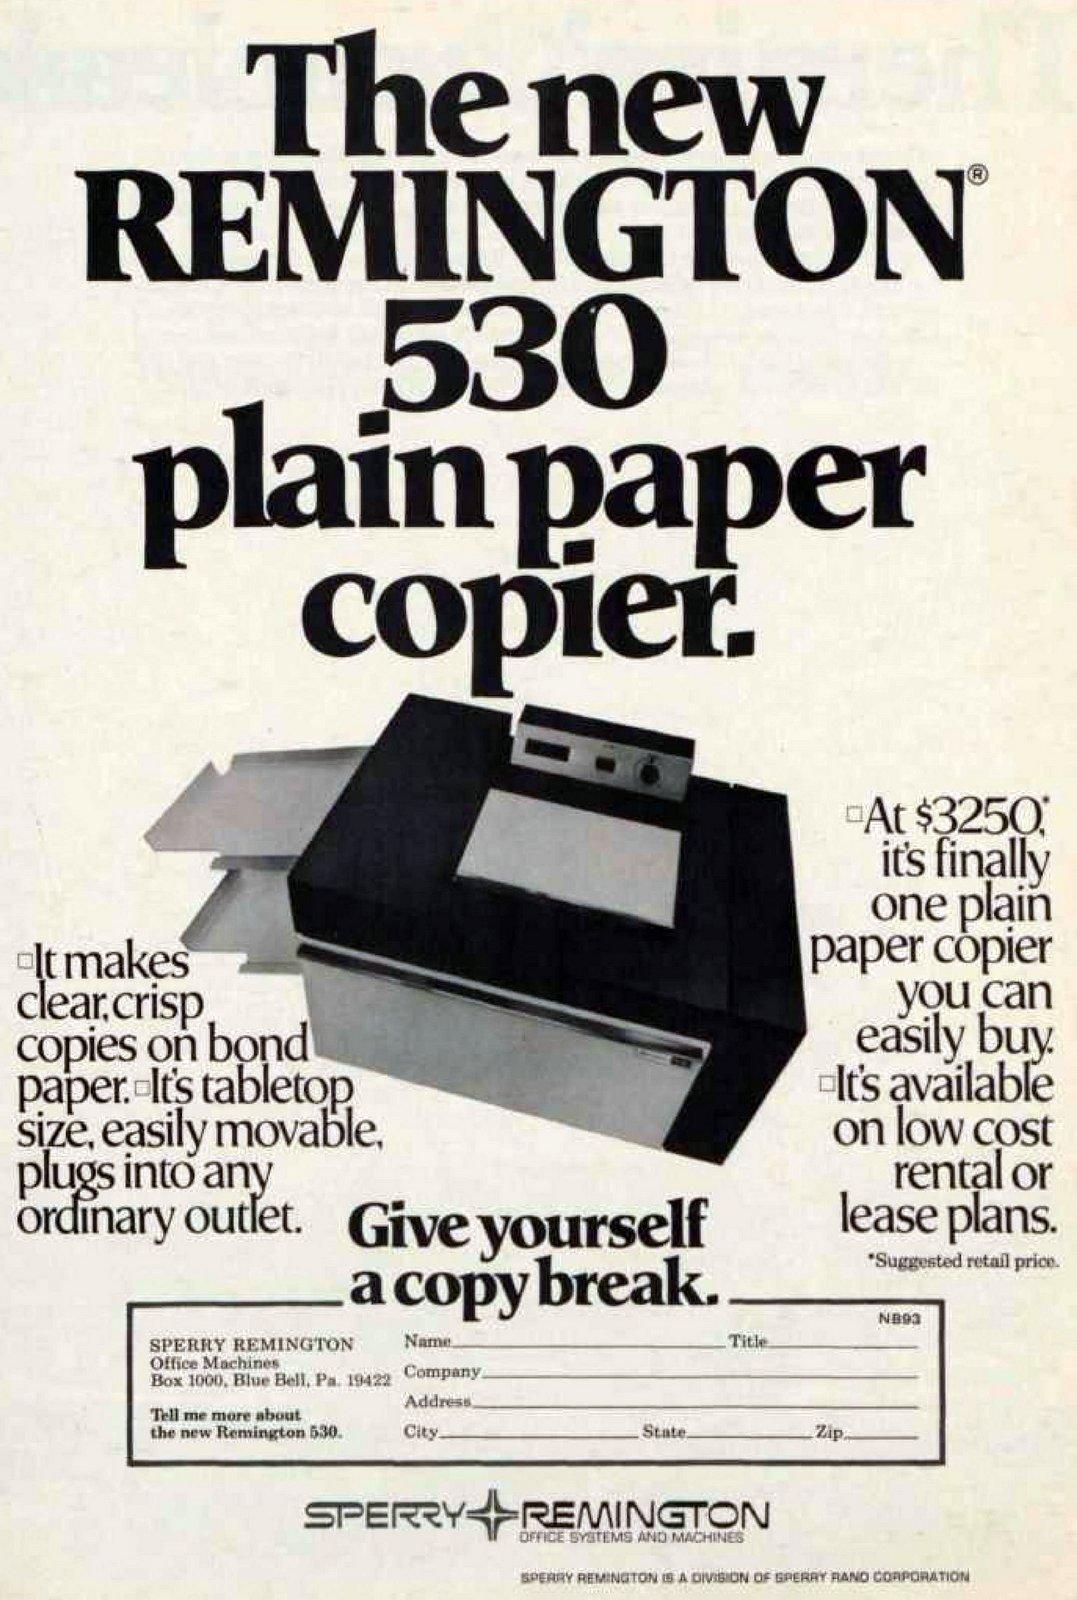 Remington Plain Paper Copier (1973)